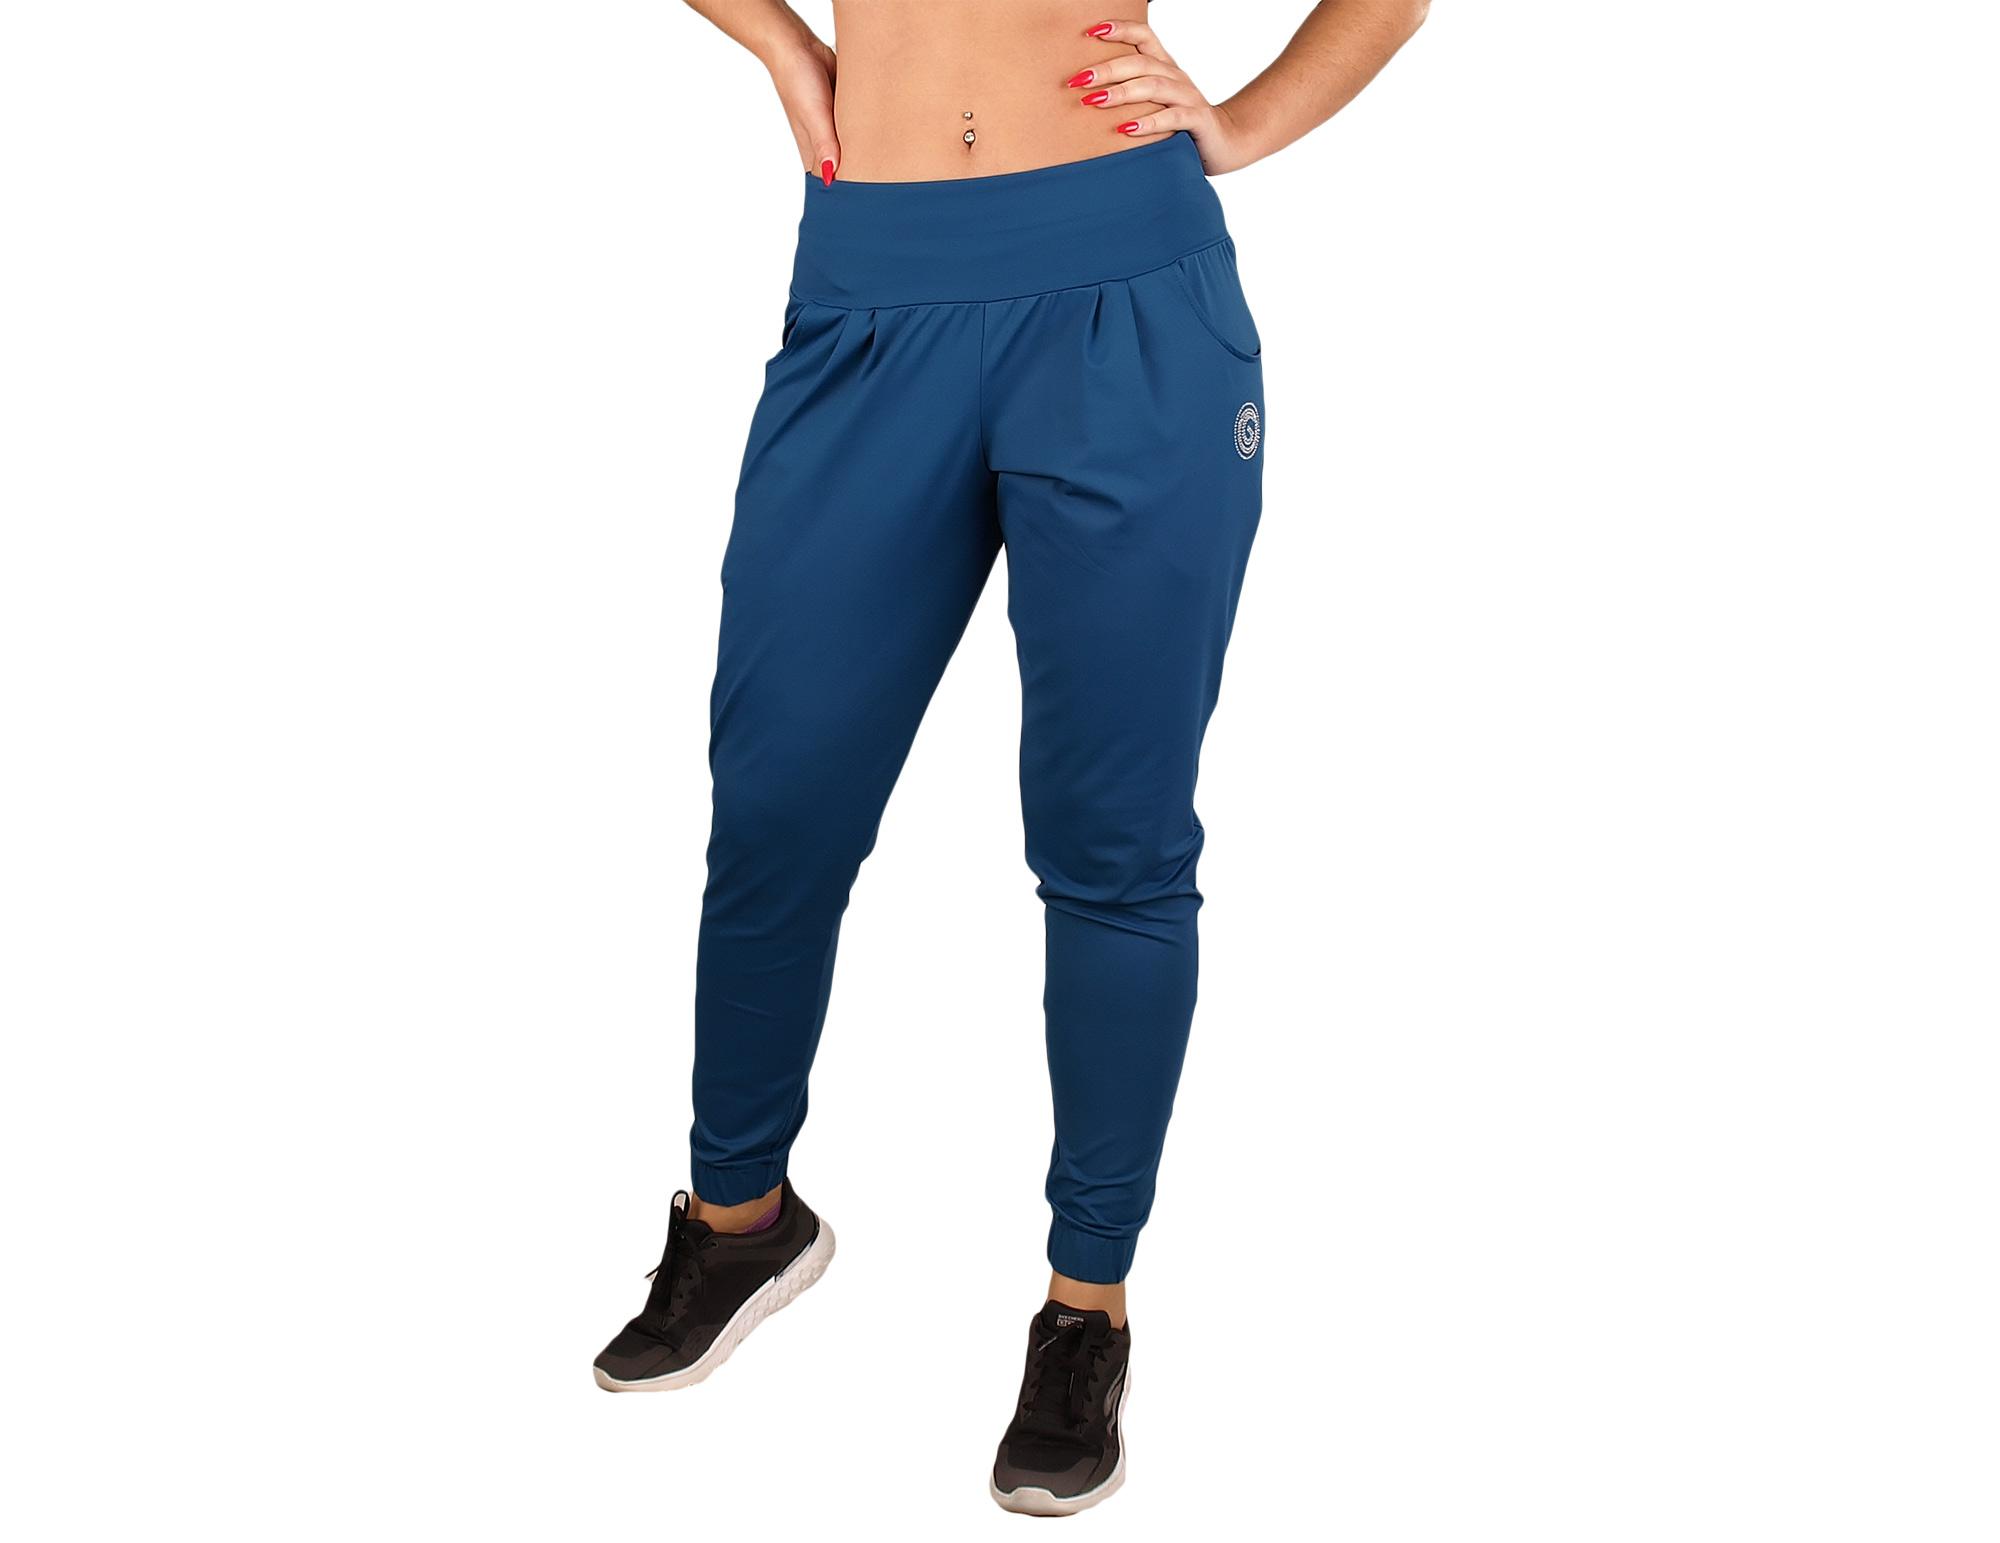 Pantalón Celine